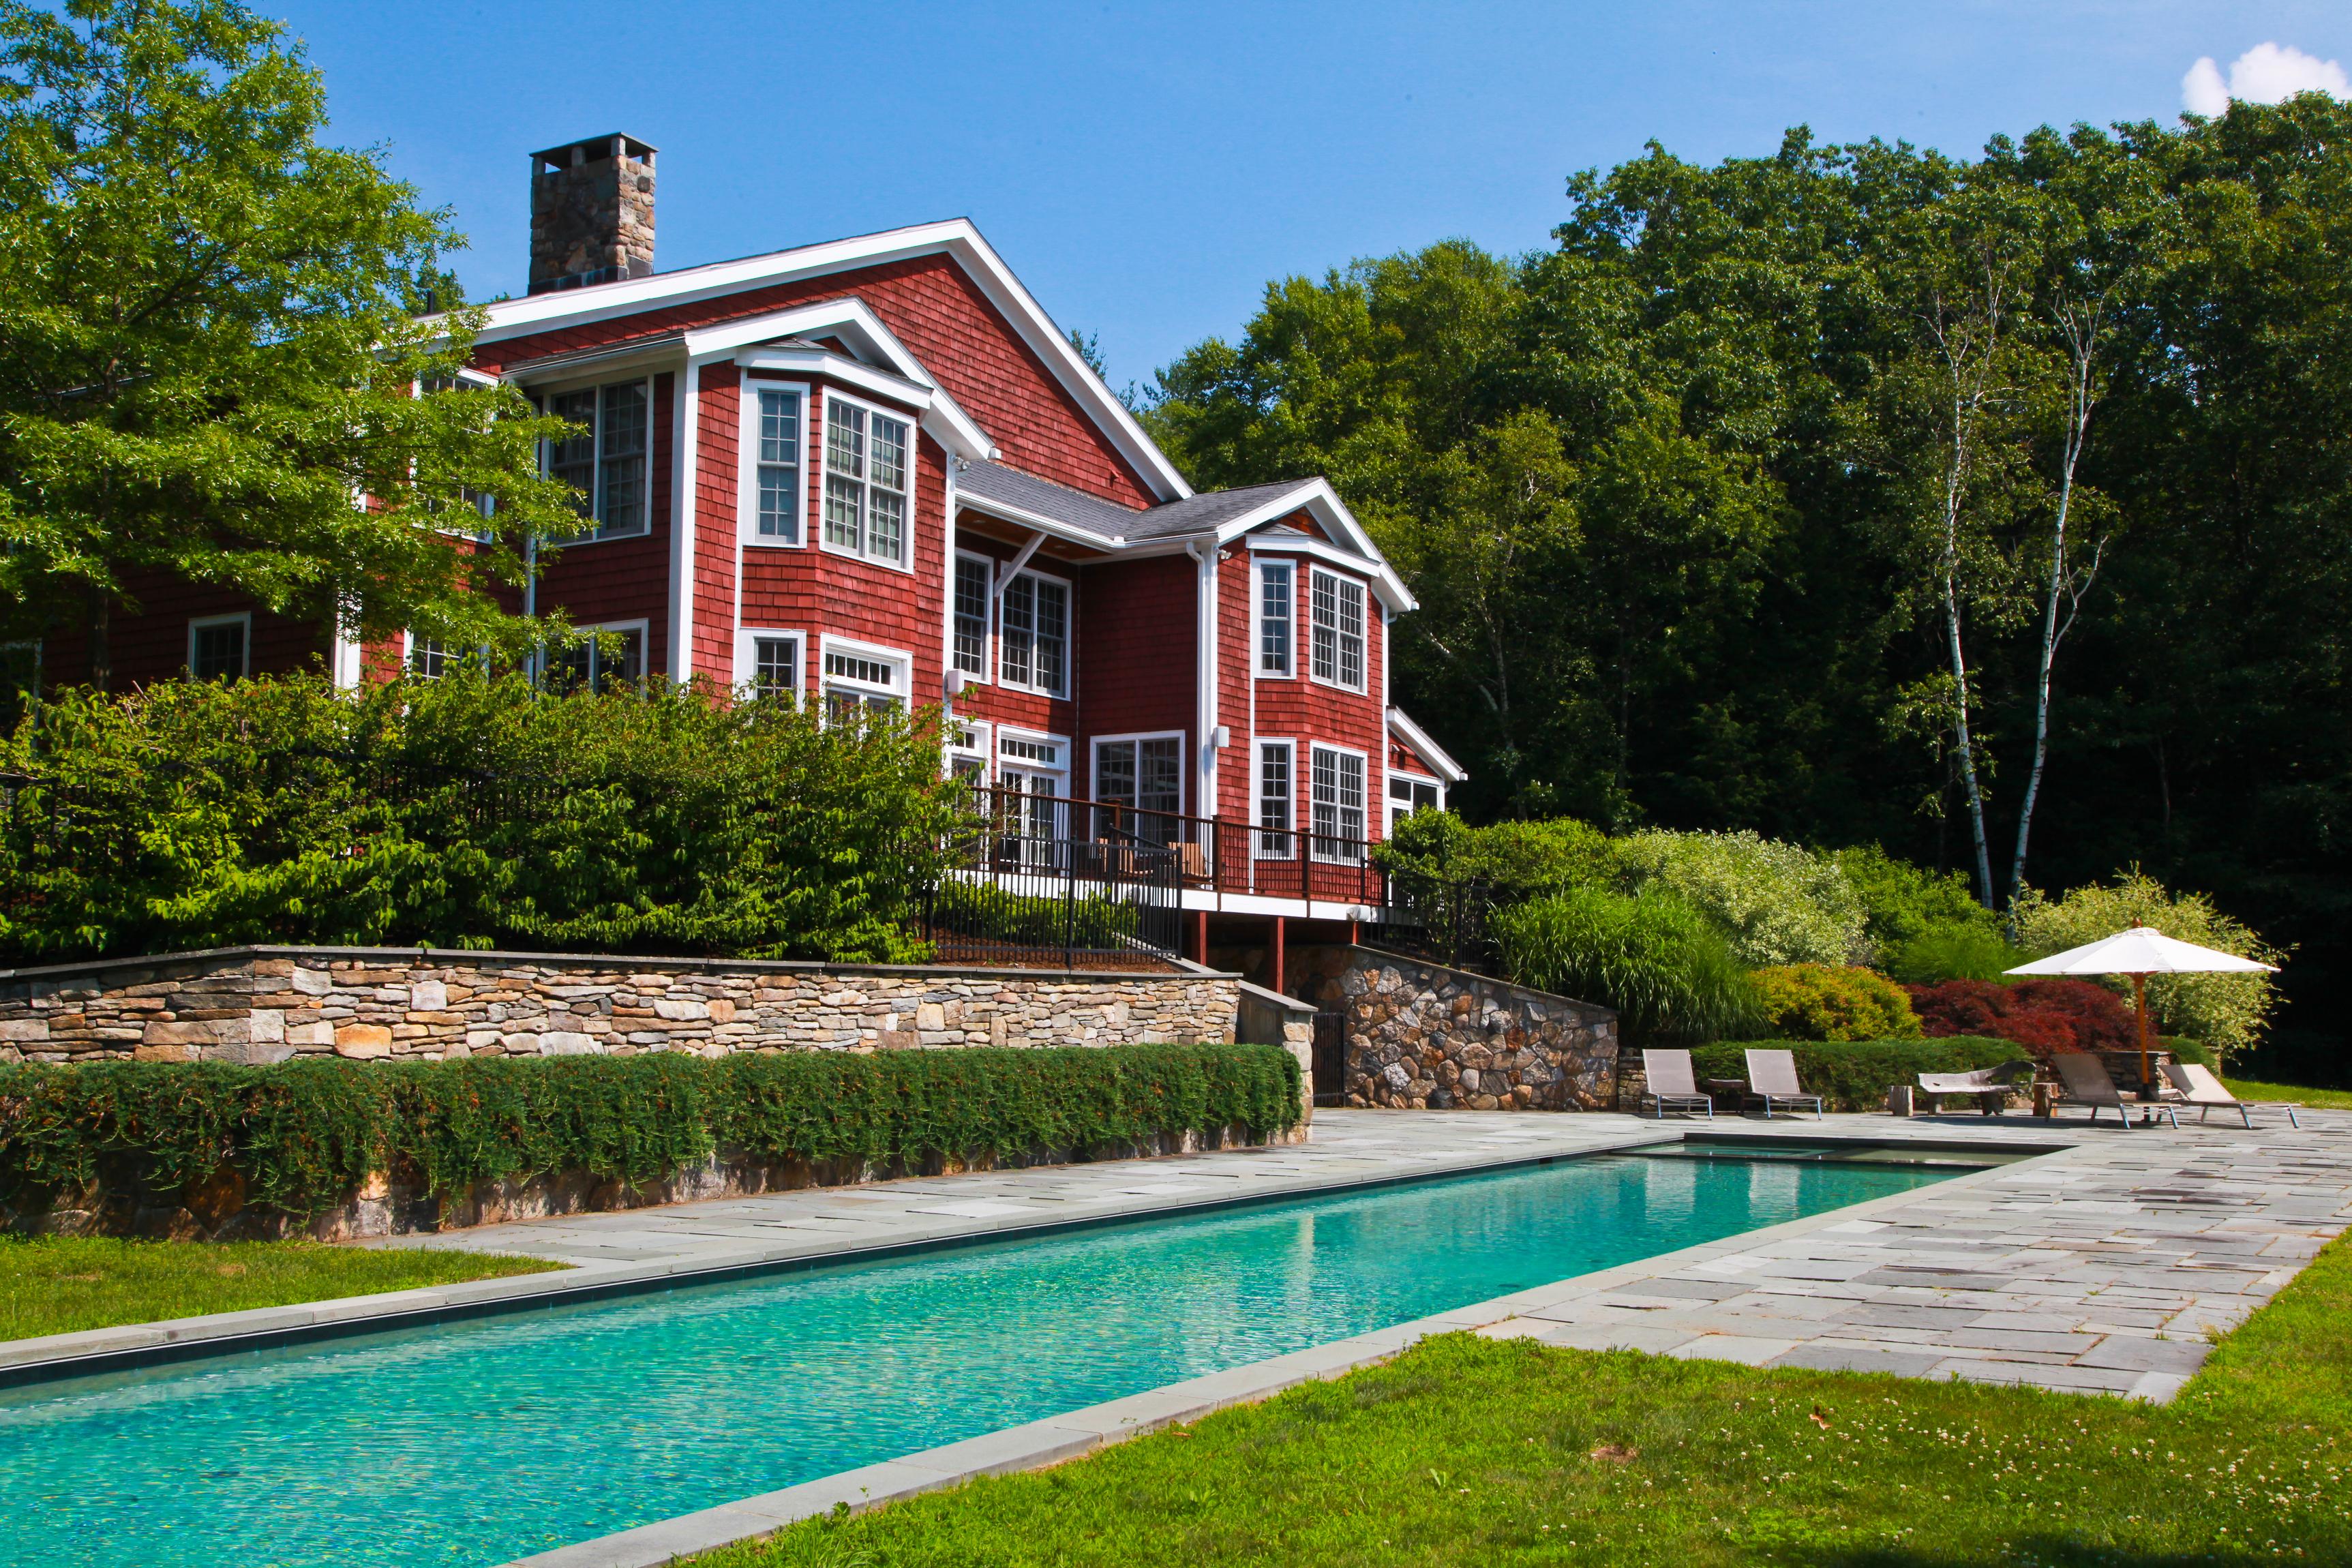 Villa per Vendita alle ore Nantucket in the Litchfield Hills 173 School Hill Rd Goshen, Connecticut, 06756 Stati Uniti